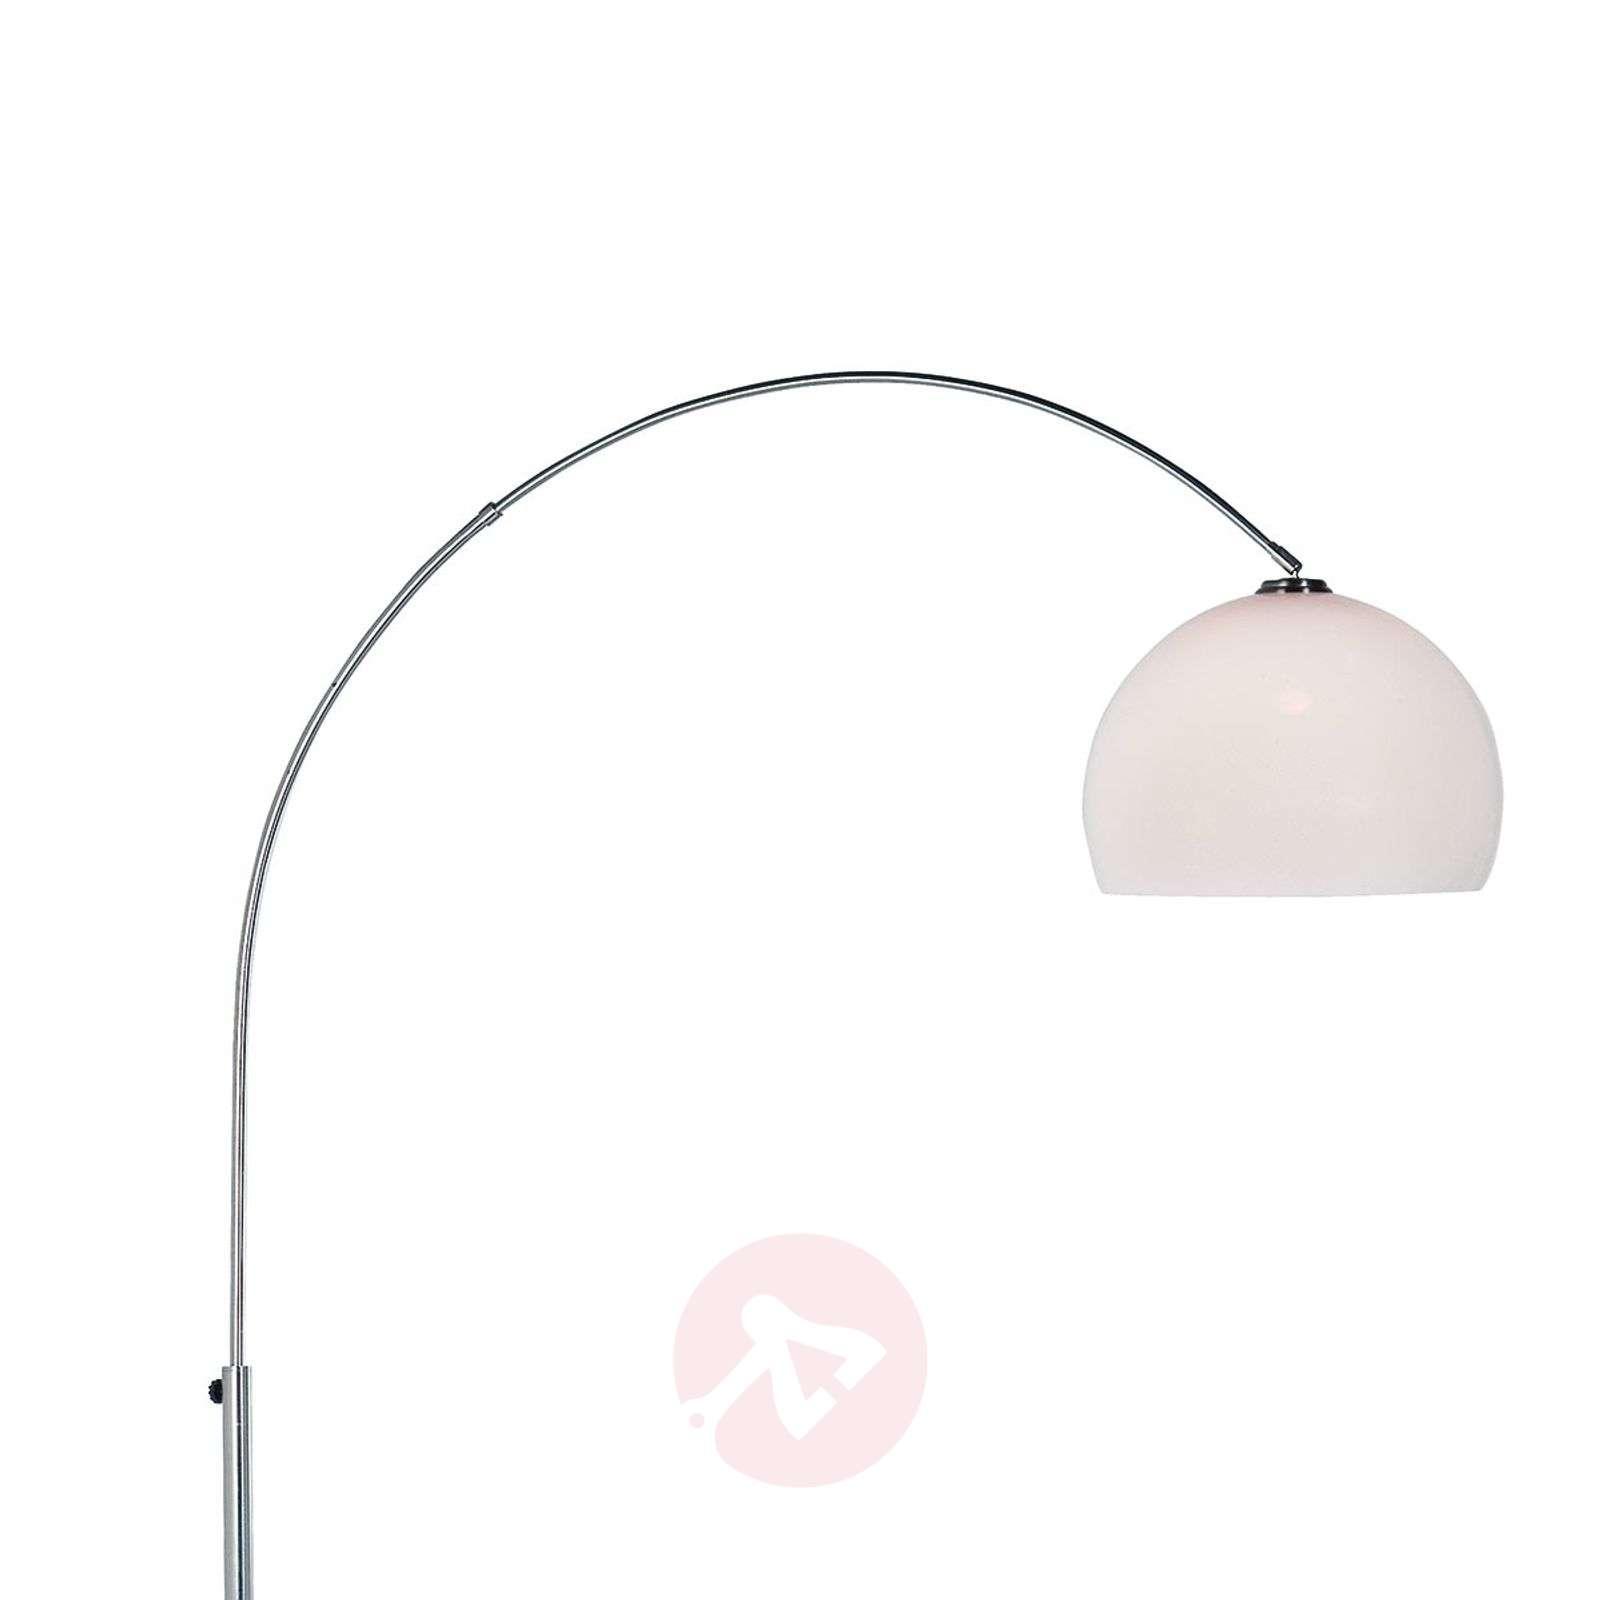 ARIAN flexible floor lamp-7007180-01